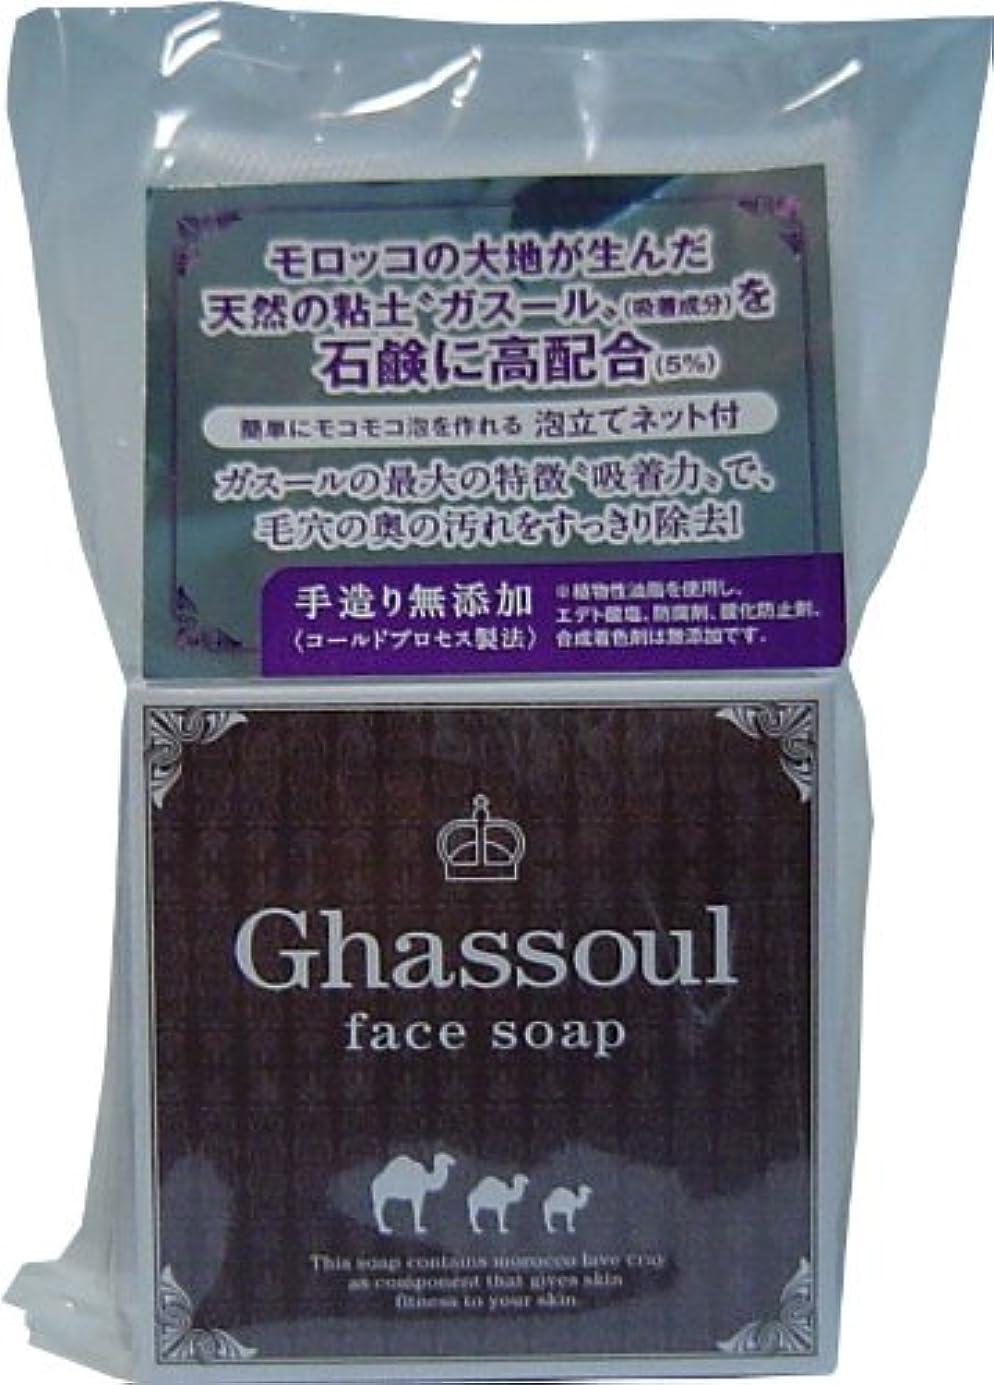 ストレージアイドルシャットGhassoul face soap ガスールフェイスソープ 100g「3点セット」